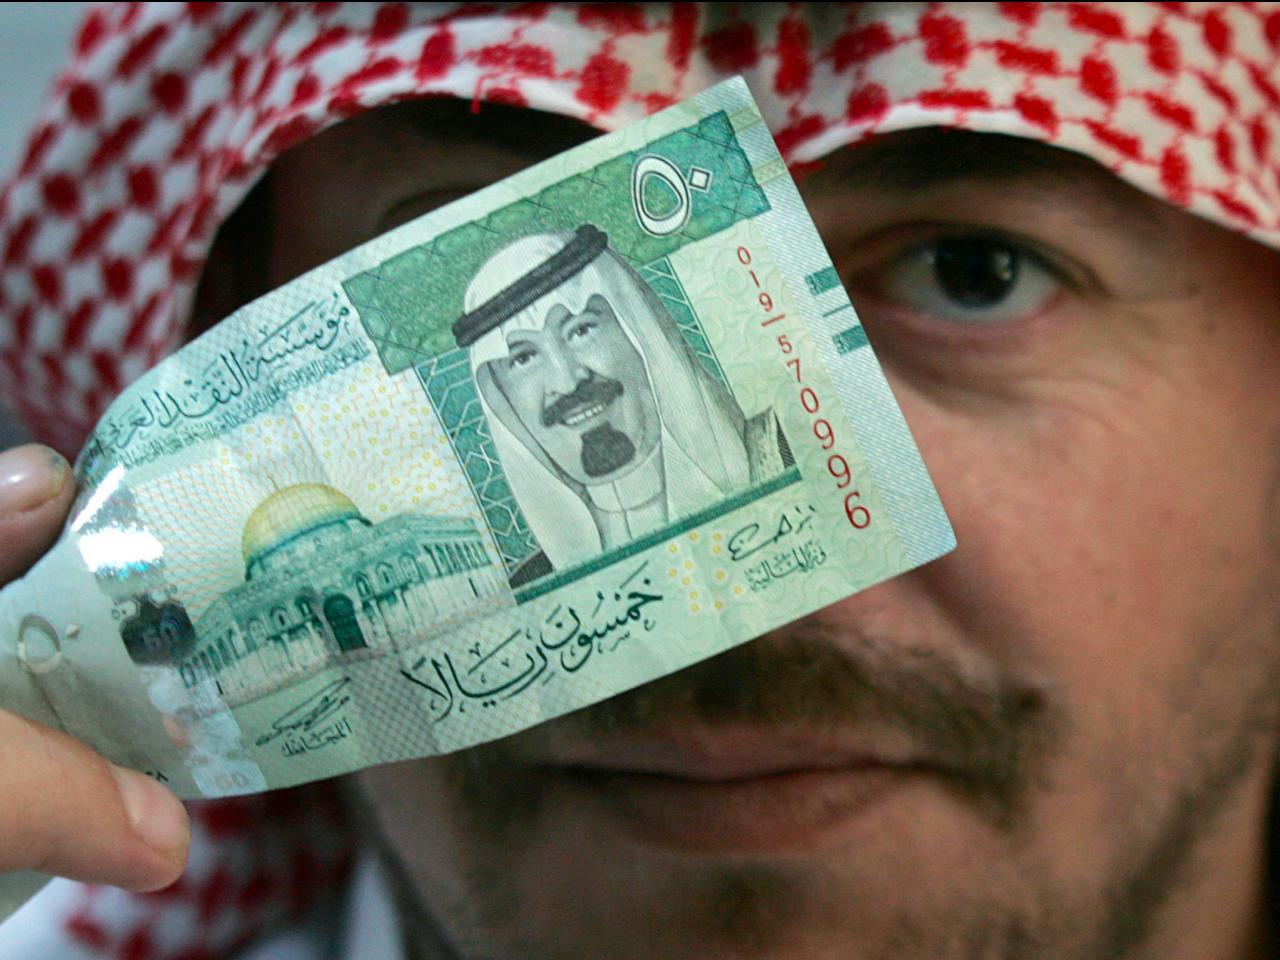 """الرياض تمتلك 11% من أصول الصناديق السيادية بالعالم و""""أبوظبي ثاني أكبر"""""""